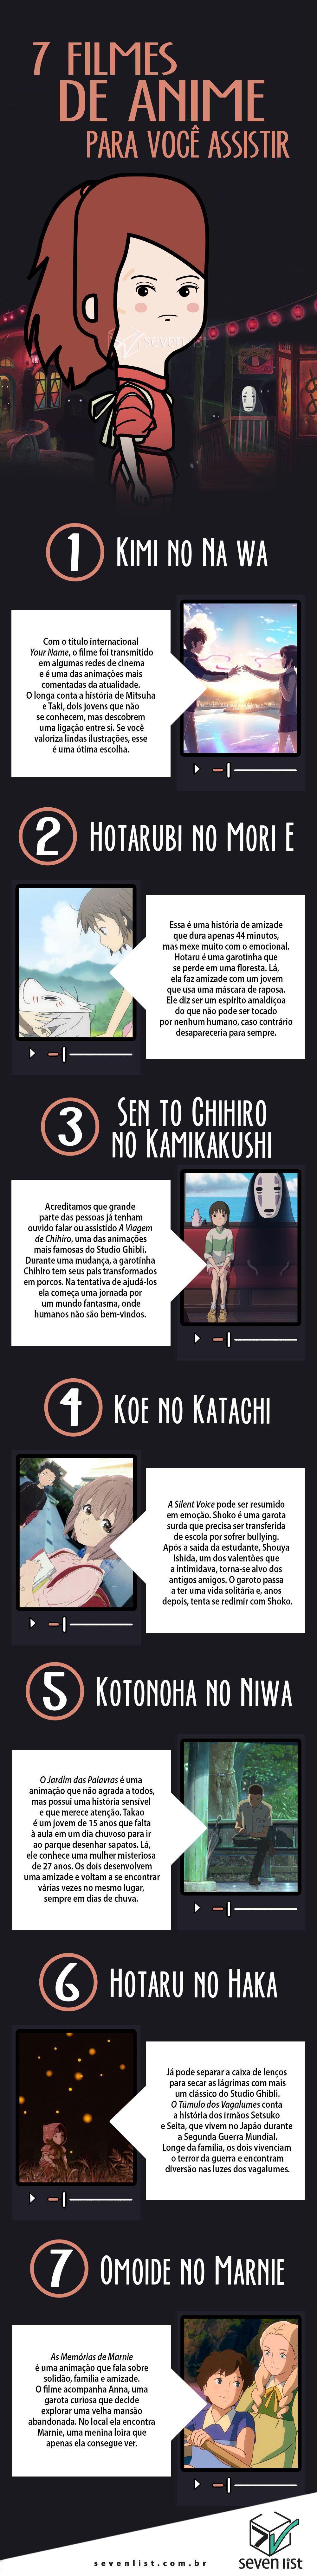 Anime 7 filmes de animação japonesa para você assistir